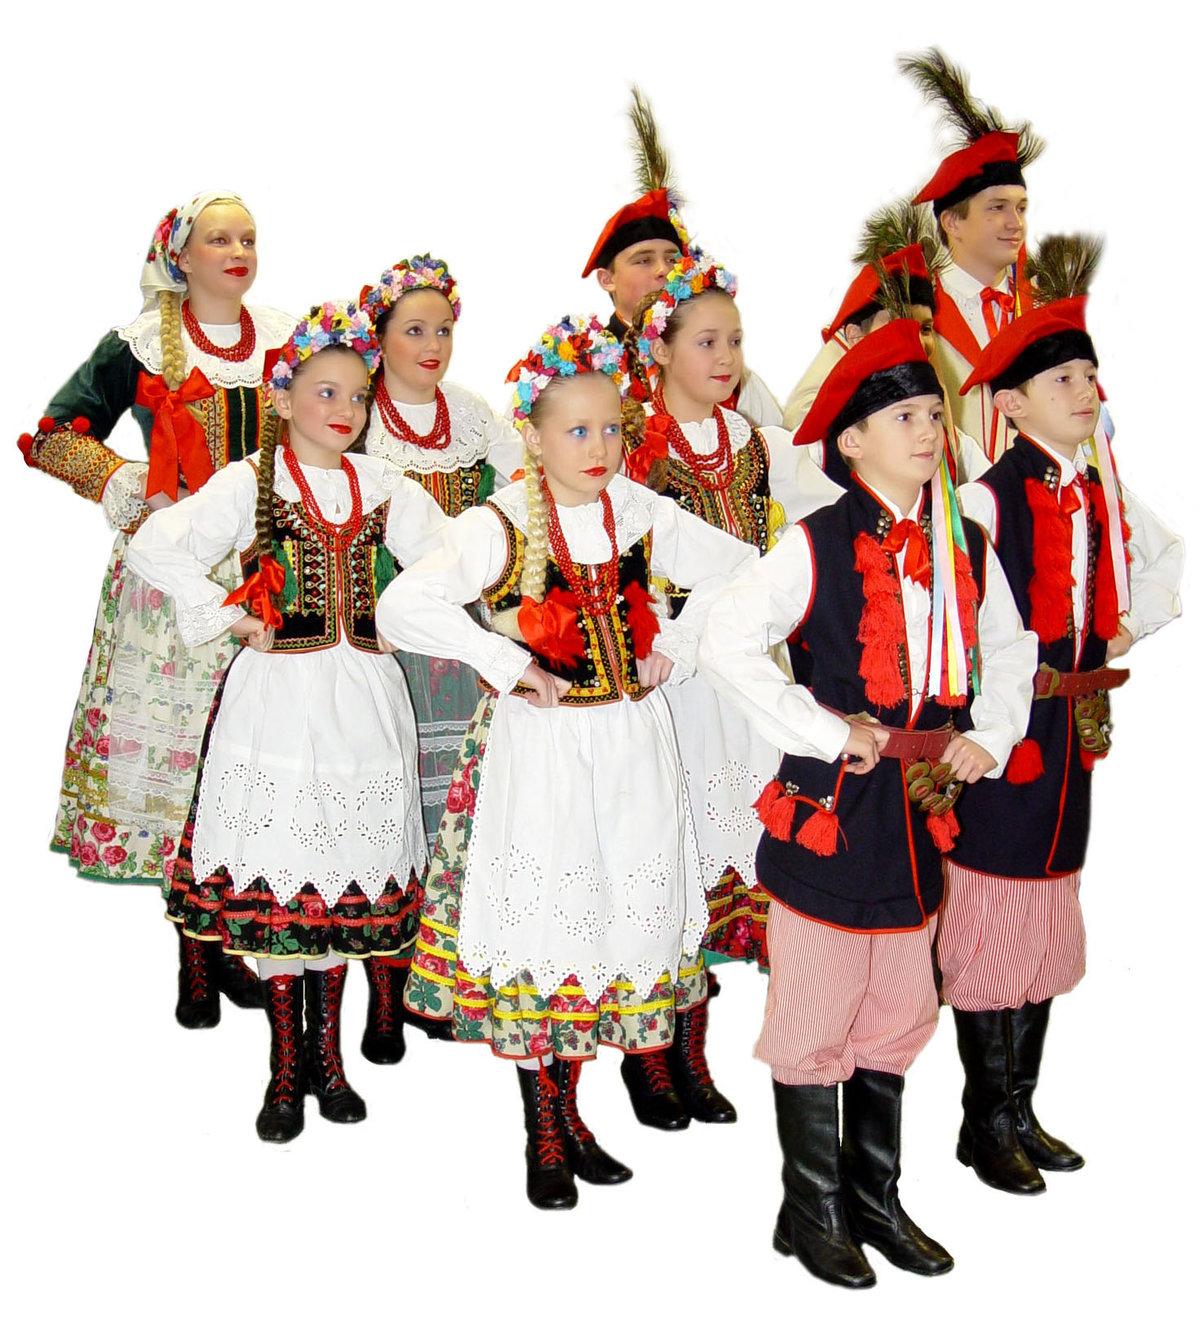 резьбы это польский национальный костюм женский фото тело красного